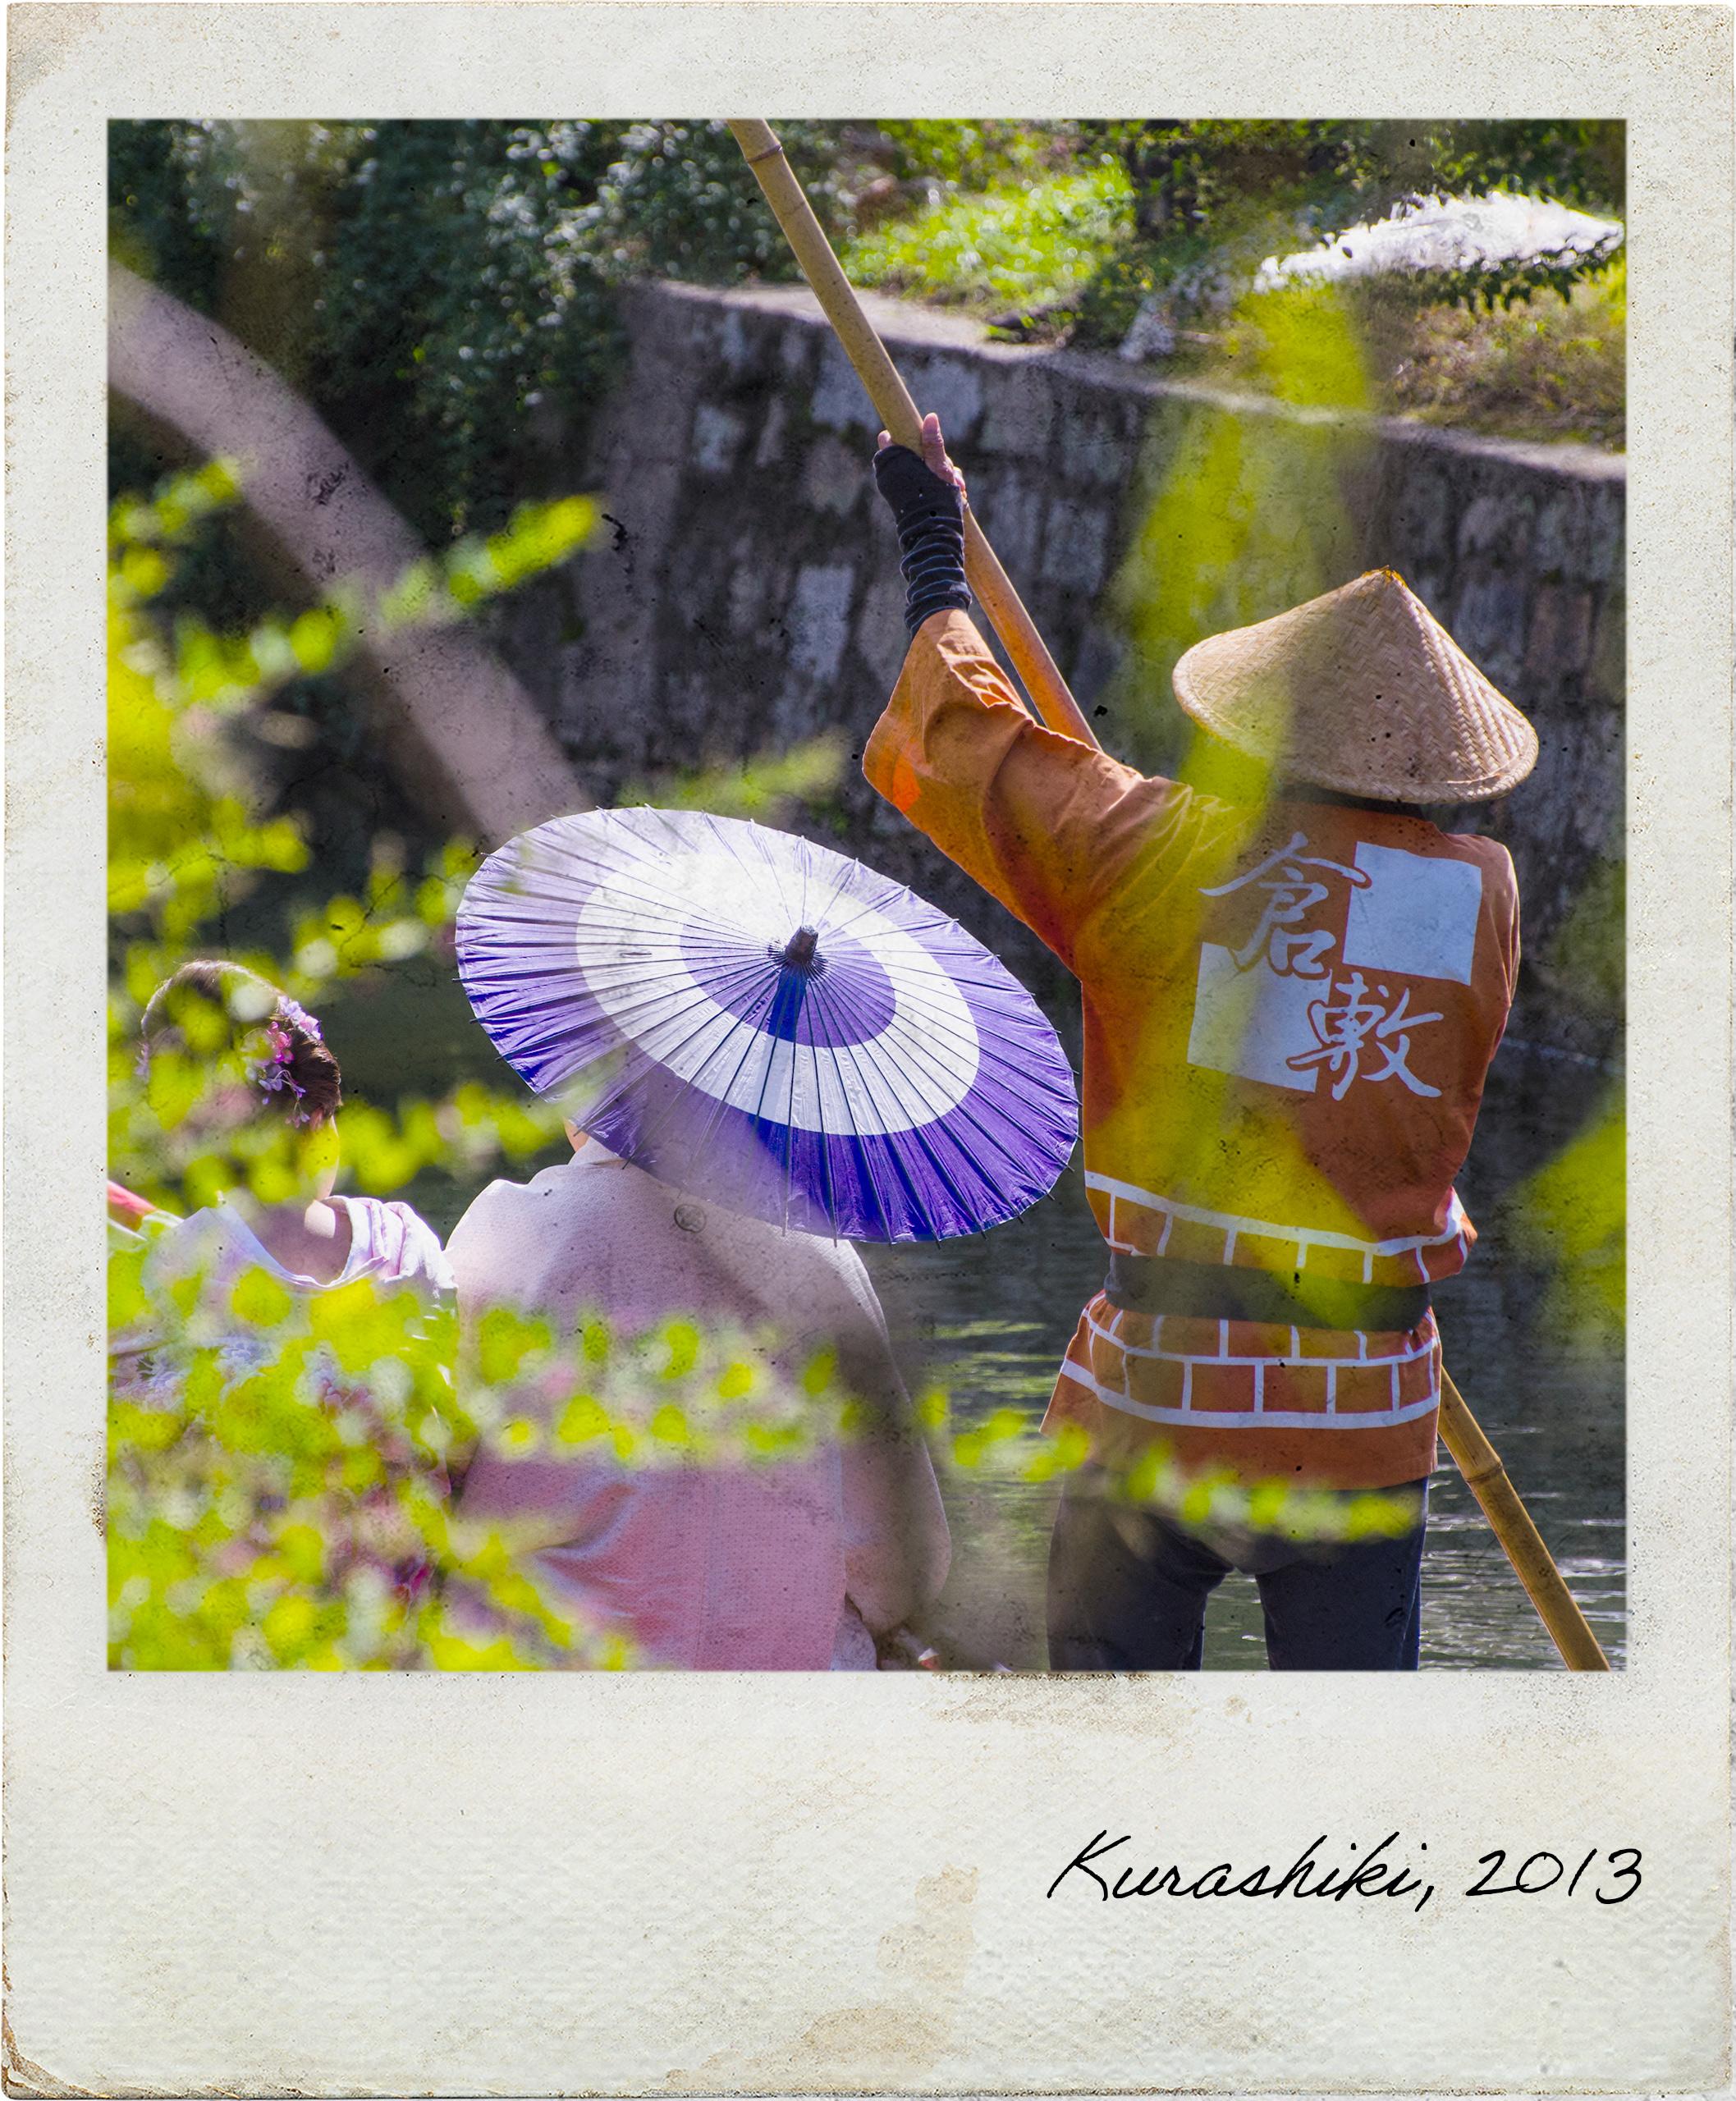 Casados de fresco em Kurashiki